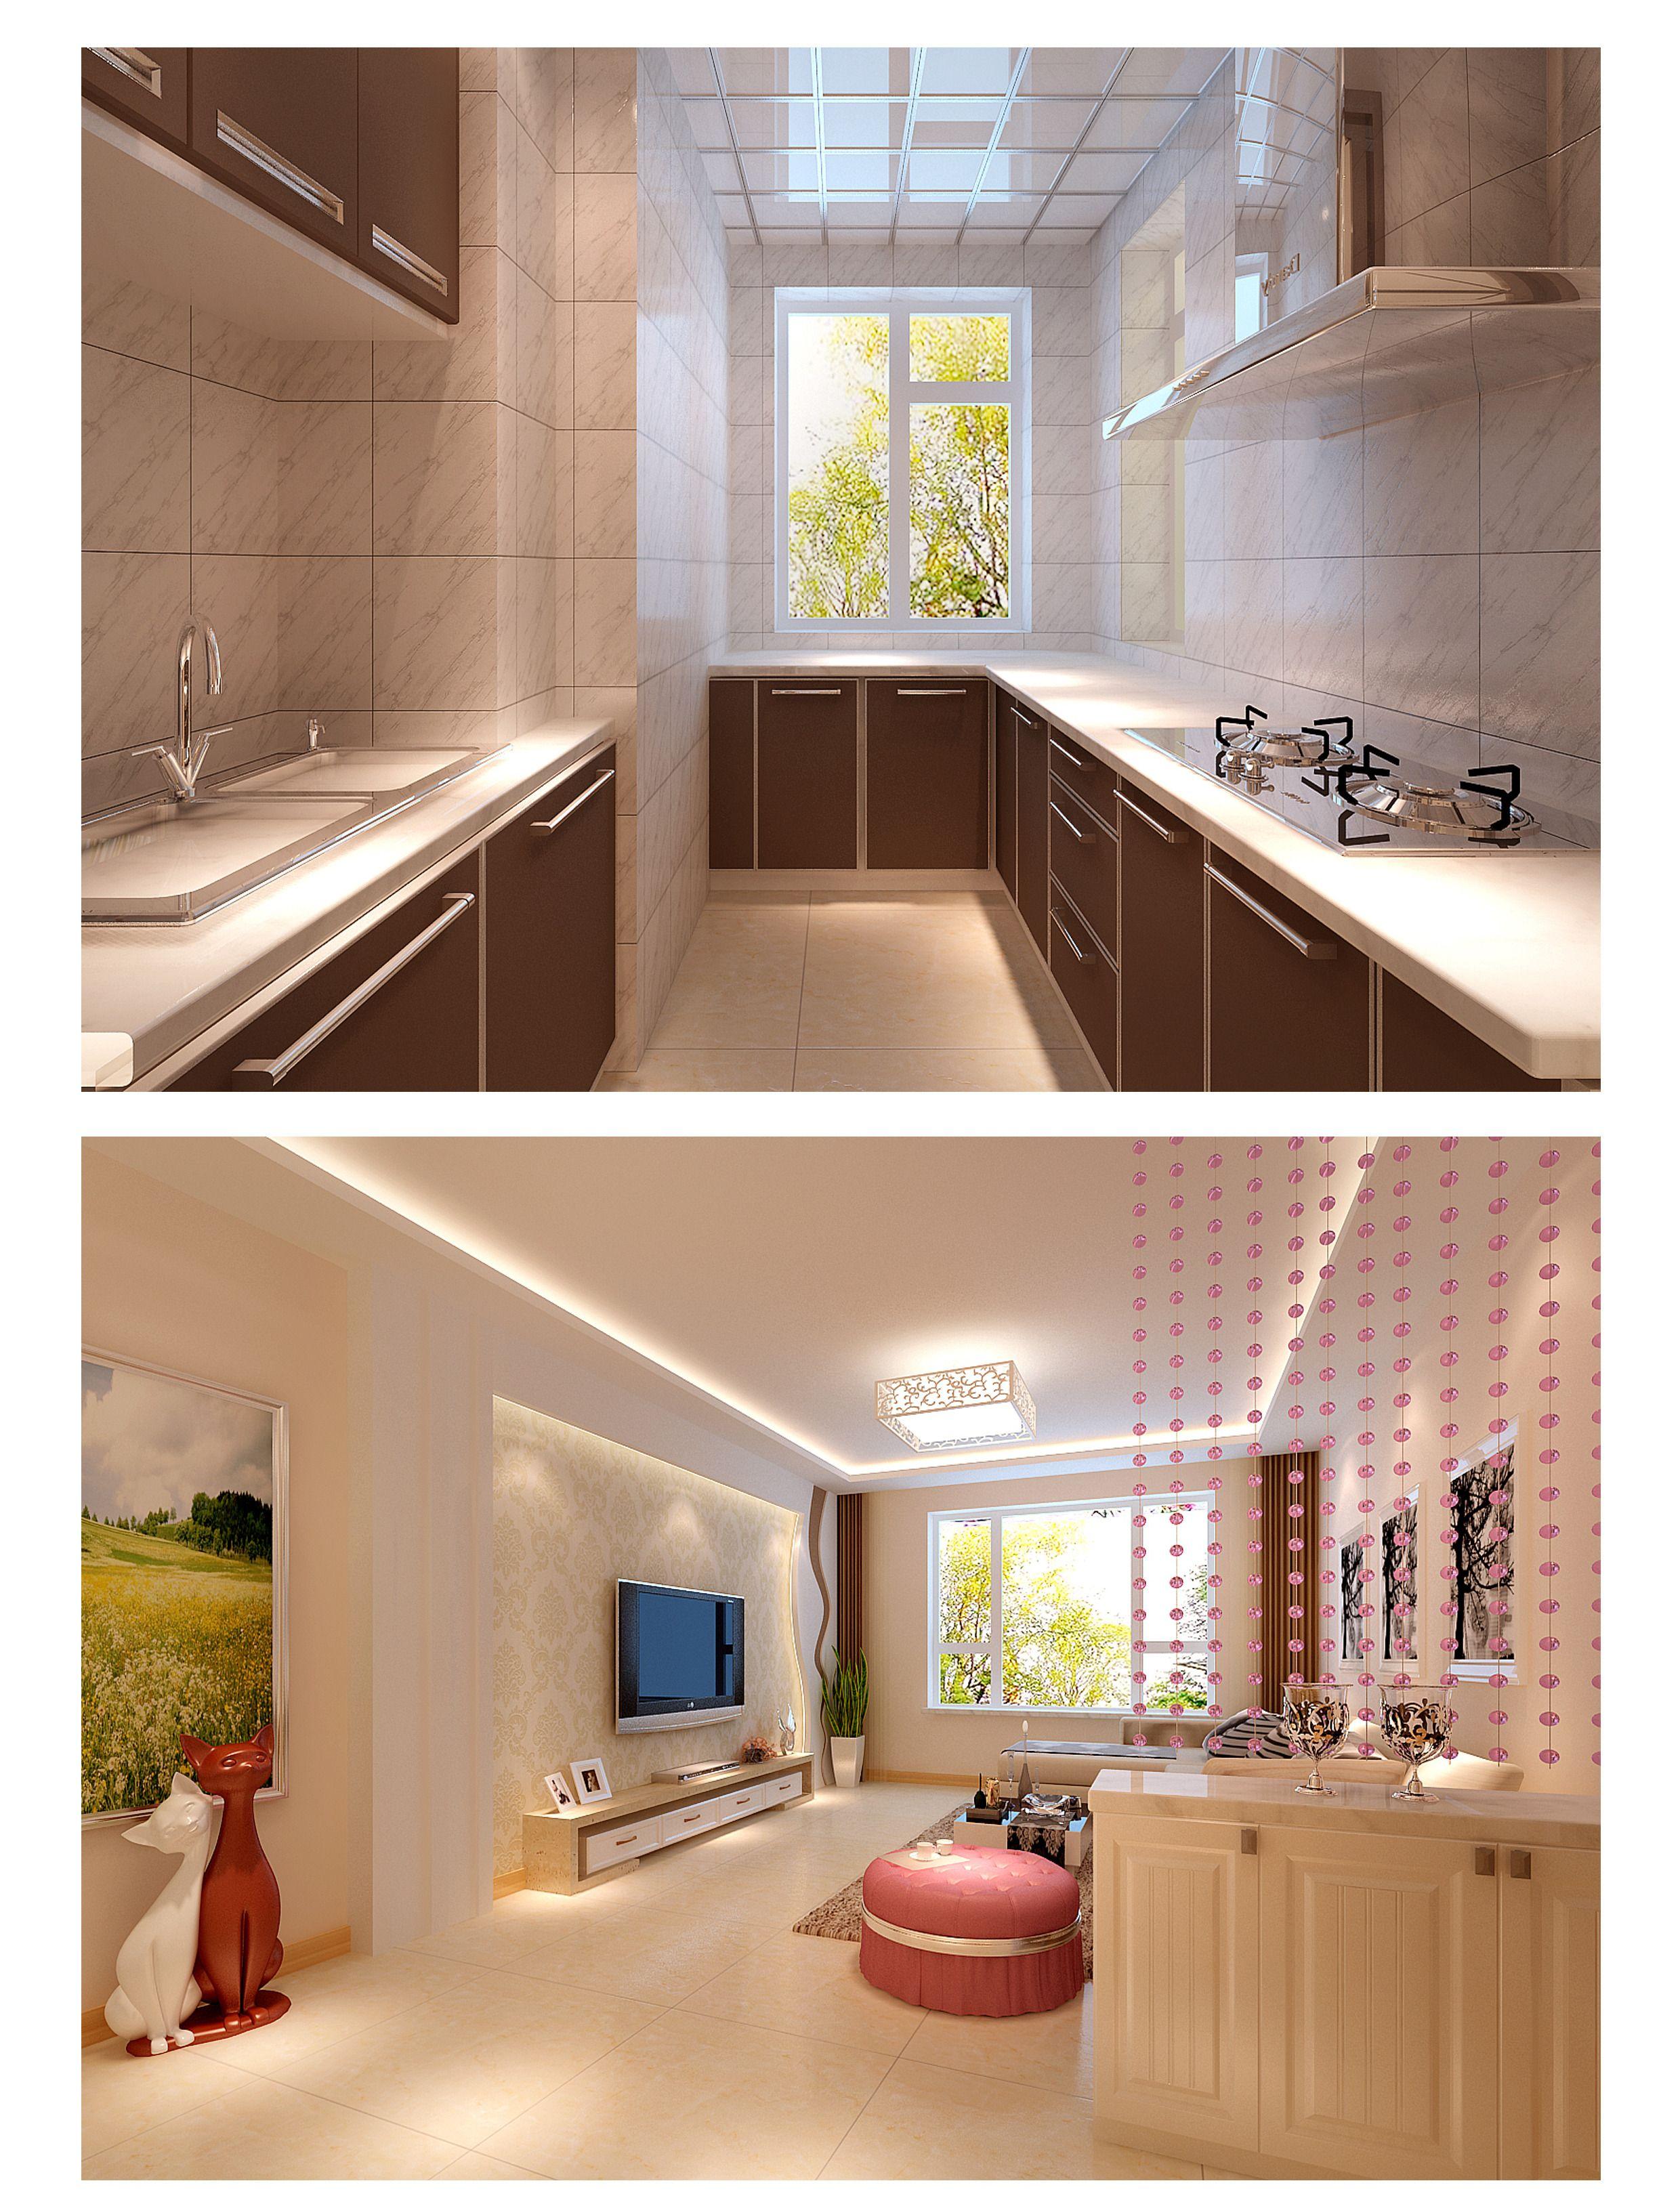 54平米房子 两室一厅一厨一卫,中等装修 下来费用得多少?